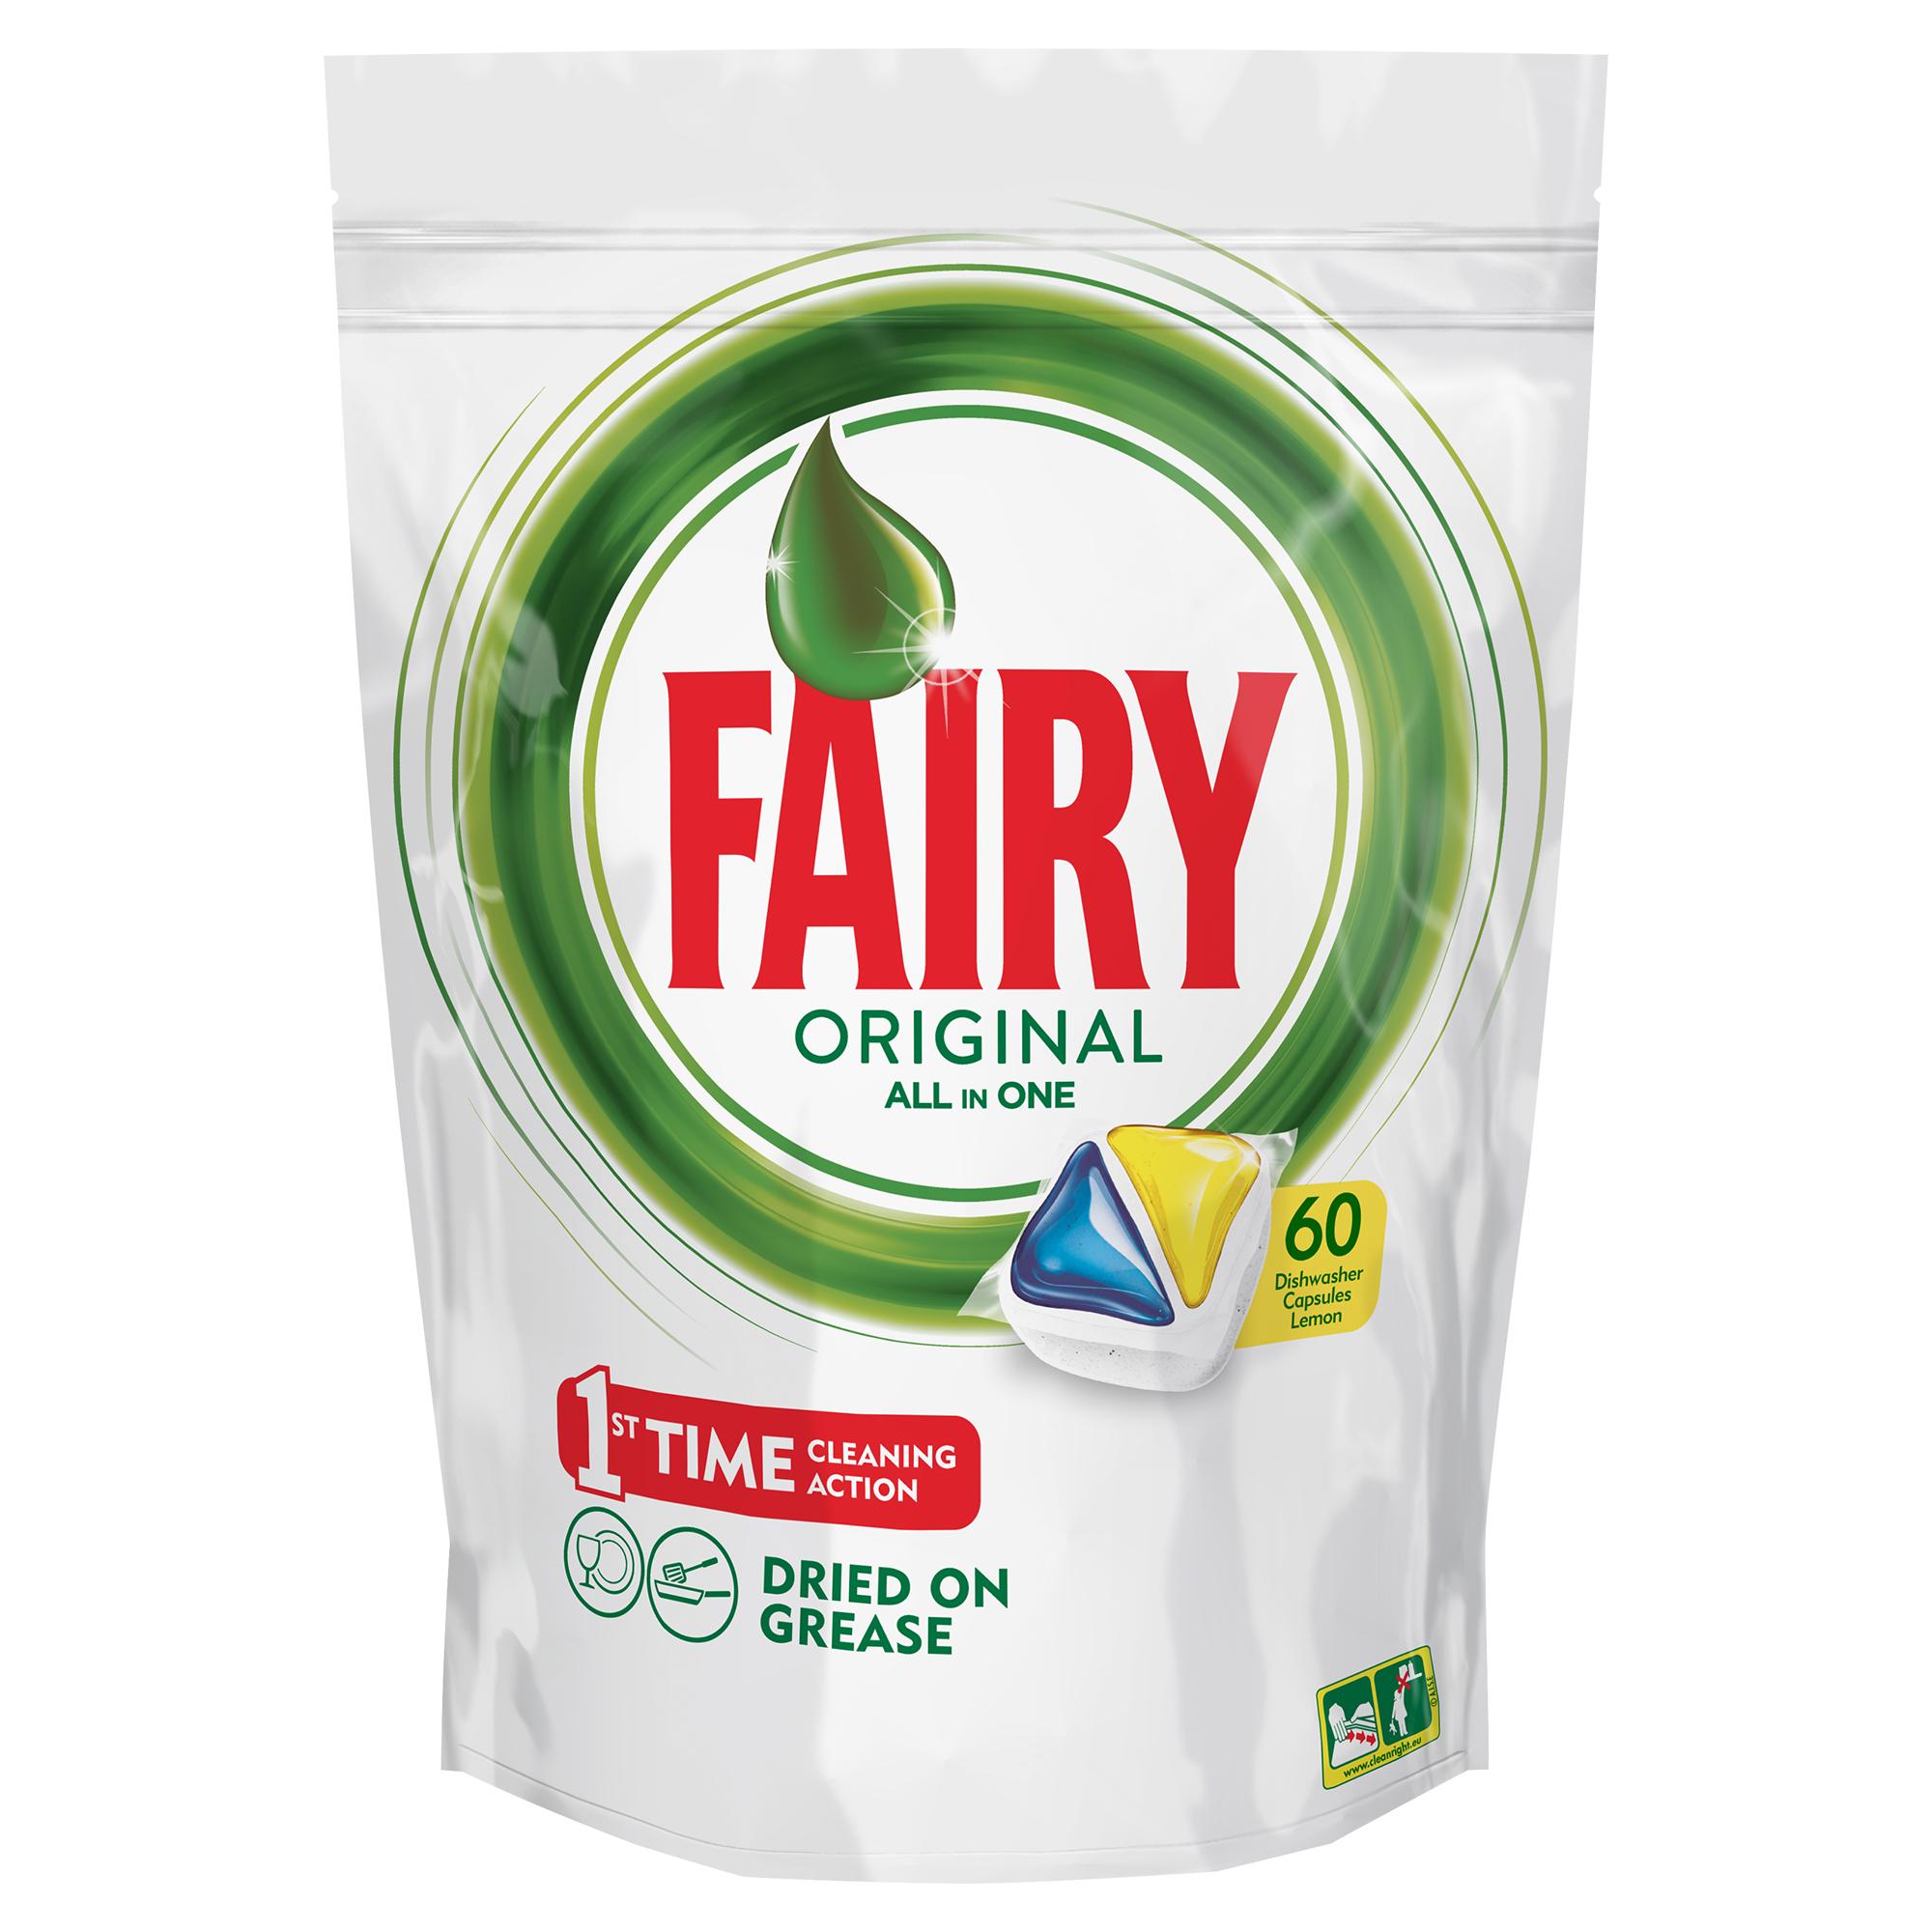 Капсулы для посудомоечной машины Fairy Original All In One, с лимоном, 60 штFR-81607023Капсулы для посудомоечной машины Fairy Original All In One идеально отмывают посуду со сложными загрязнениями с первого раза. Средство содержит гель и порошок в одной капсуле. Капсула растворяется гораздо быстрее, чем другие таблетки для посудомоечной машины, и поэтому начинает действовать немедленно. Кроме того, капсулы Fairy очень просты в использовании - просто поместите их в посудомоечную машину (не нужно распаковывать). Преимущества: - Средство справляется с засохшей пригоревшей грязью и чистит даже самые сложные загрязнения- С функцией супер сияния посуды - С добавлением соли и ополаскивателя - С защитой стекла и серебра - Сохраняет приятный запах в посудомоечной машине- С жидким моющим средством для борьбы со сложным жиром- Произведено и протестировано для использования во всех посудомоечных машинах- Готовы к использованию- Не нужно разворачивать - 1 капсула = 1 загрузкаПоместите капсулу в отсек для моющего средства и сразу закройте. Брать капсулу только сухими руками. Не разворачивайте и не прокалывайте капсулу. Закрывайте пакет после каждого использования.Товар сертифицирован. Как выбрать качественную бытовую химию, безопасную для природы и людей. Статья OZON Гид